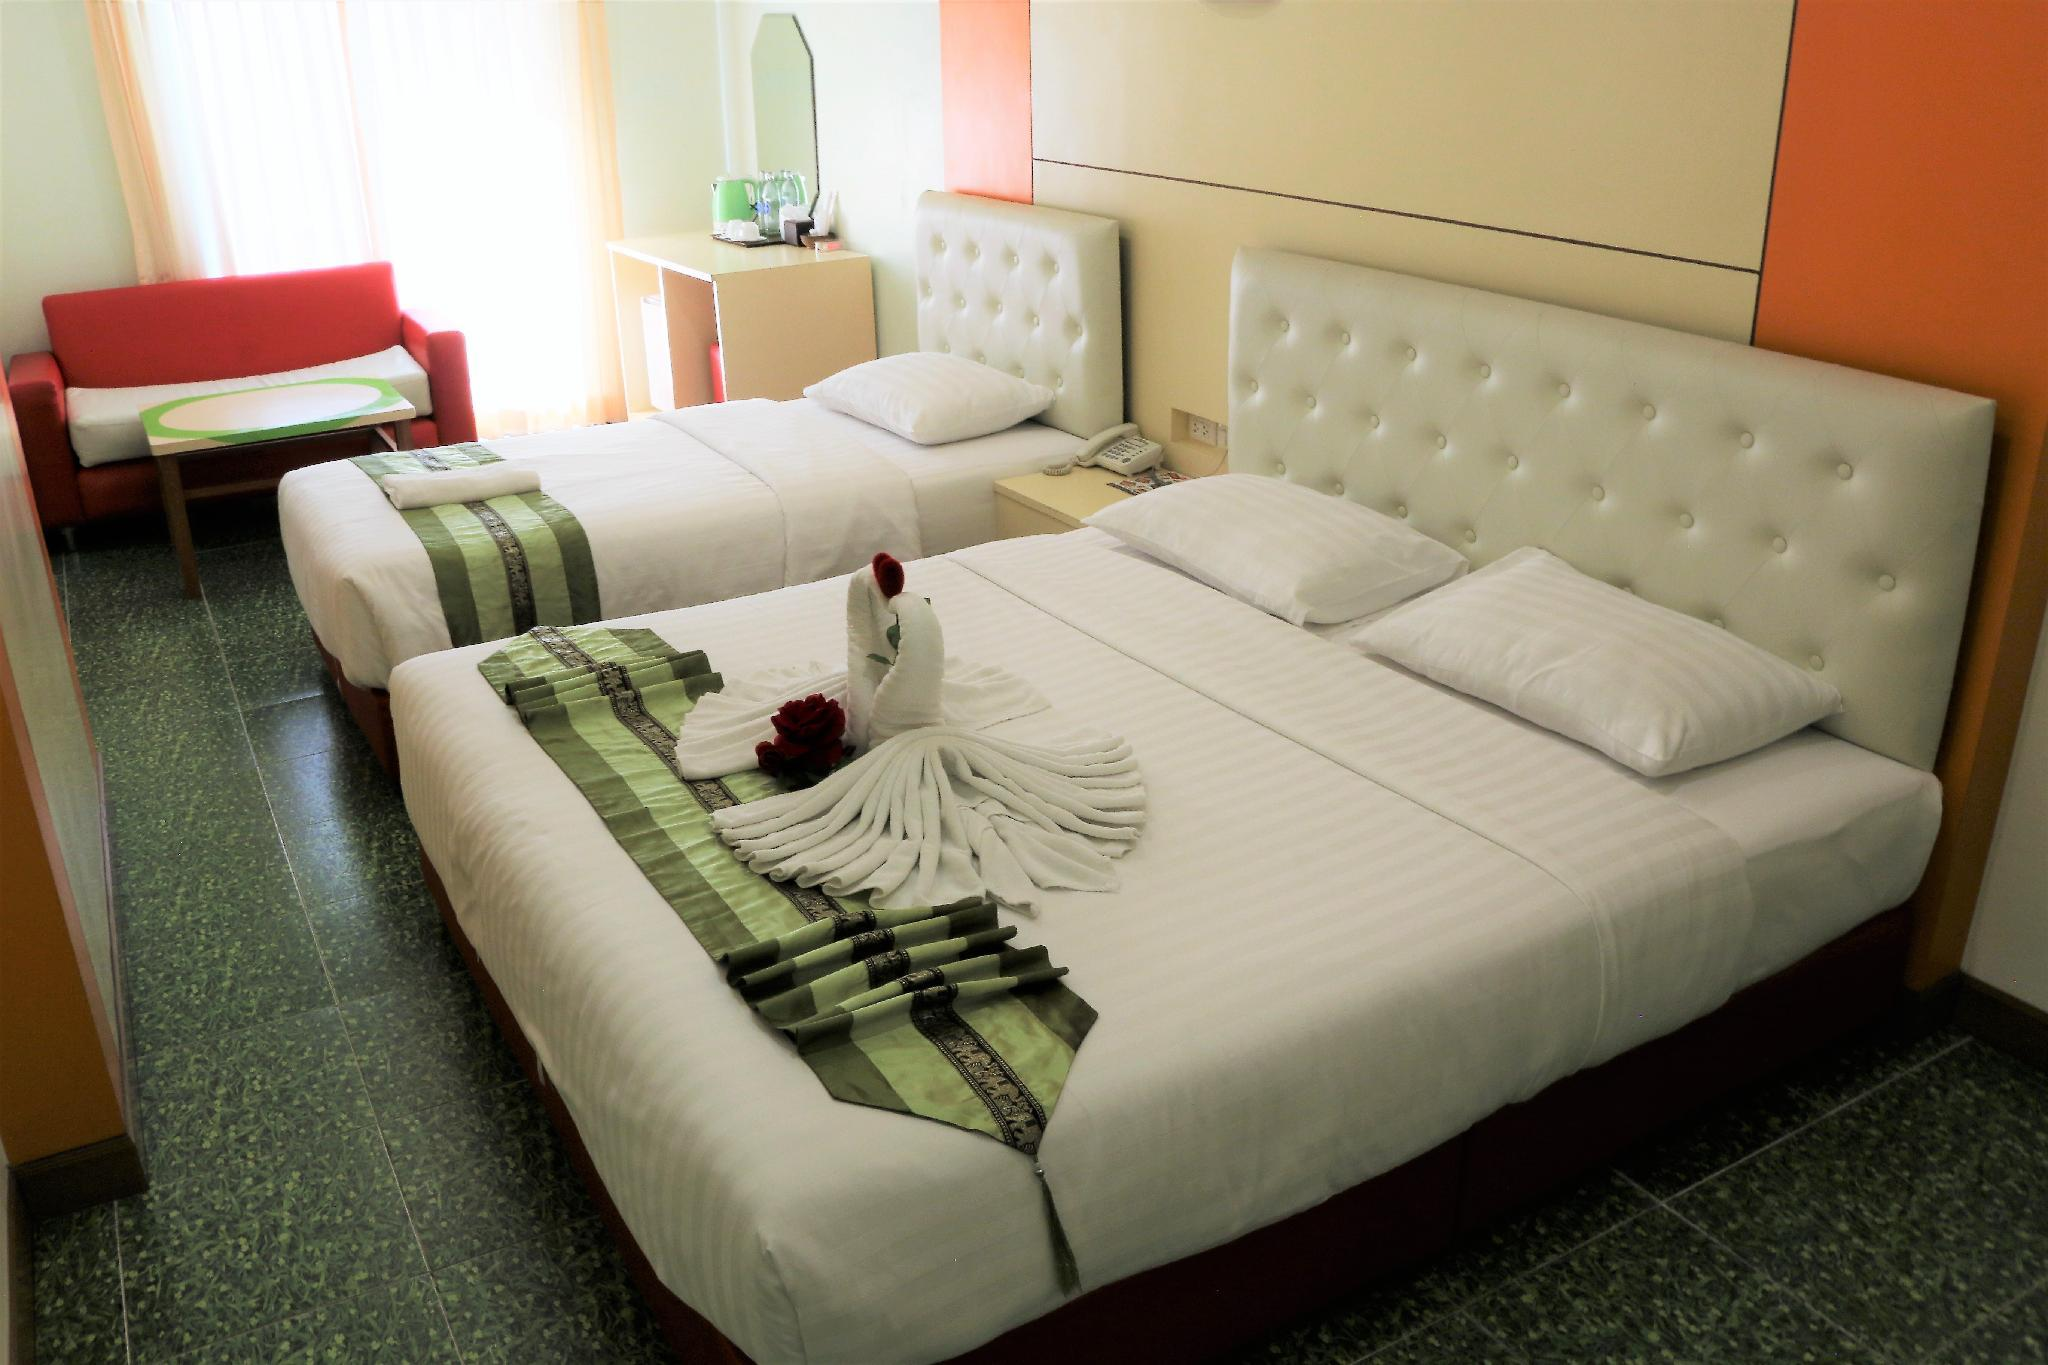 โรงแรมลัคกี้ กรีน วิว